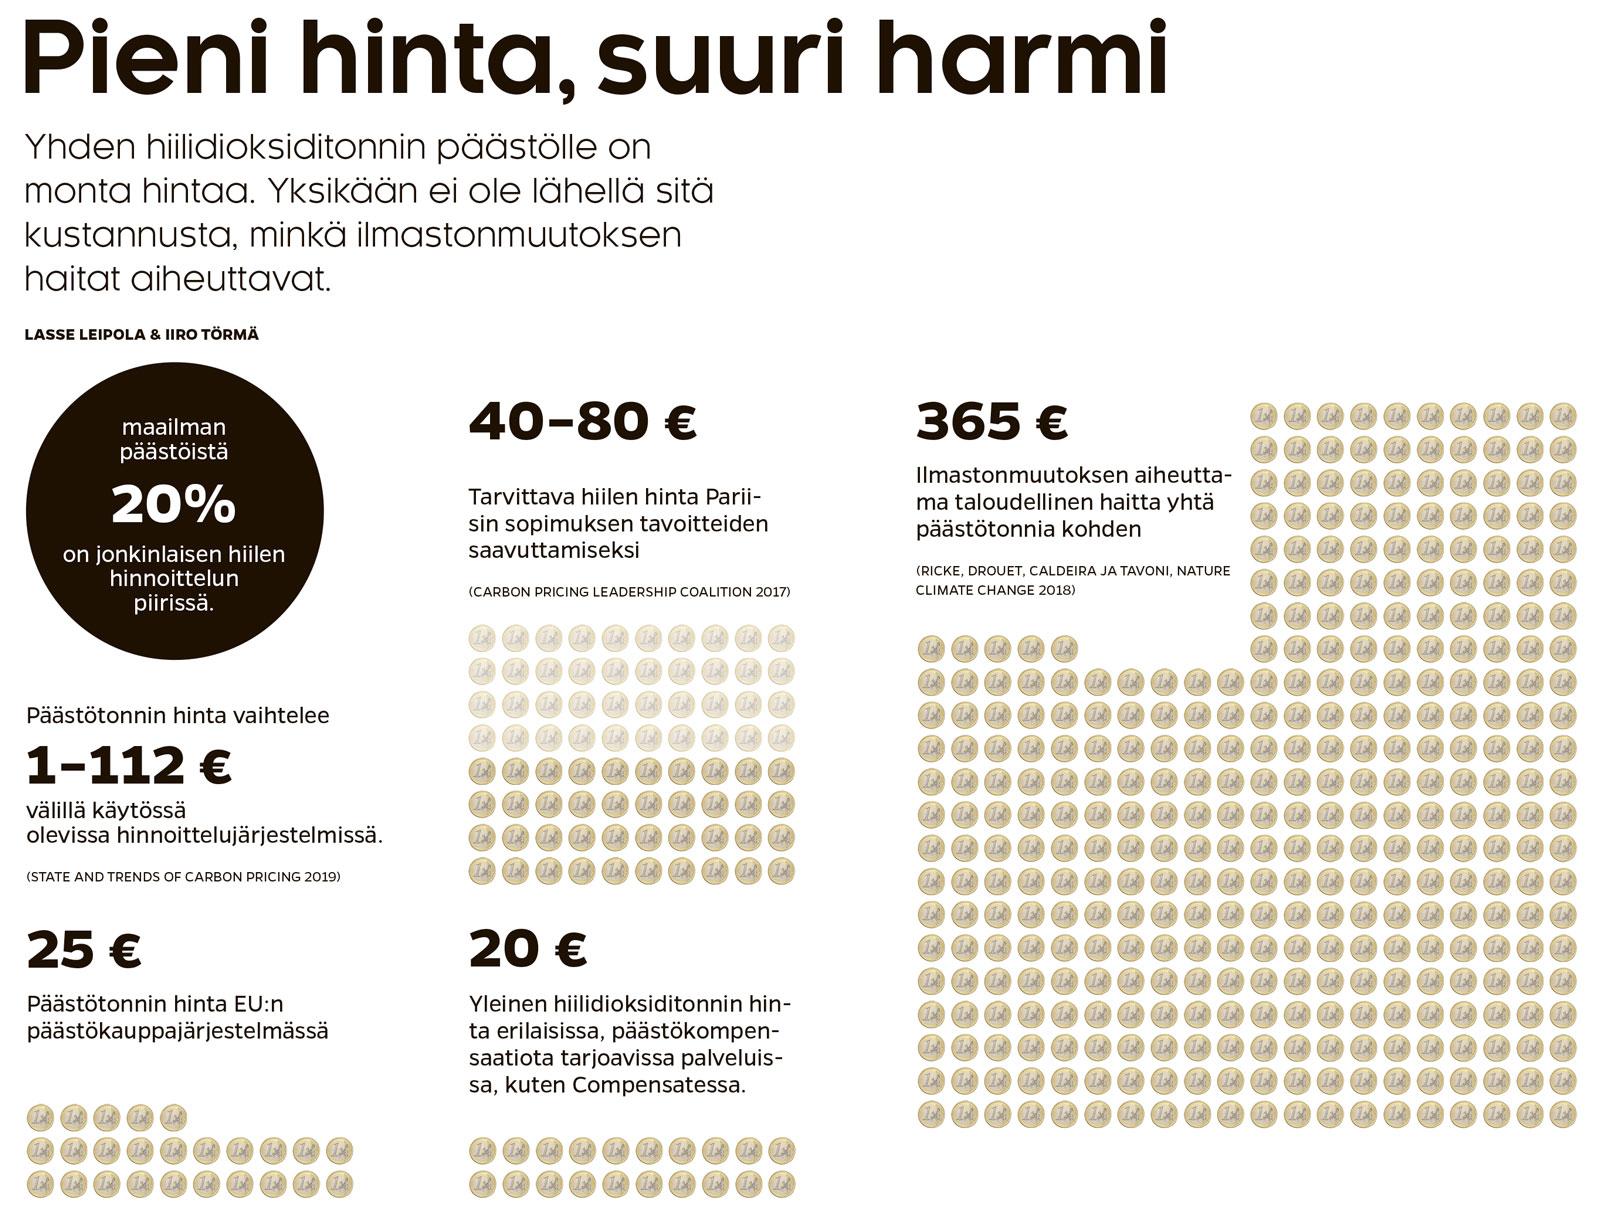 Hiilen monta hintaa (Lasse Leipola / Iiro Törmä)